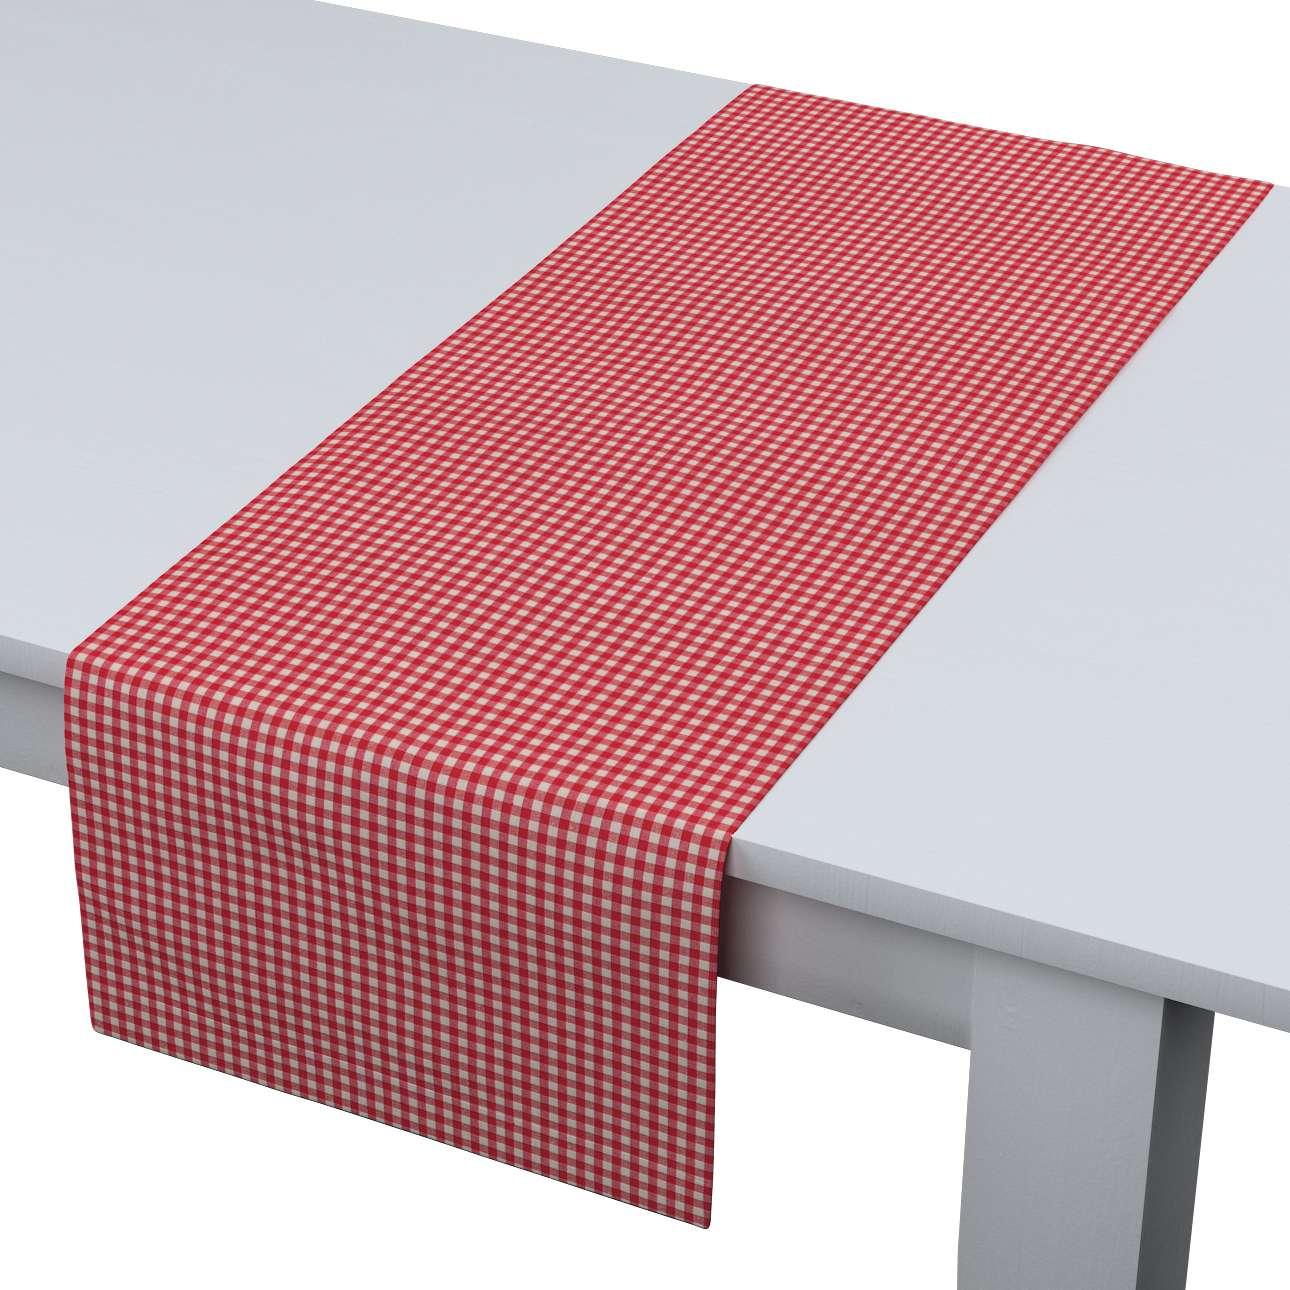 Bieżnik prostokątny 40x130 cm w kolekcji Quadro, tkanina: 136-15